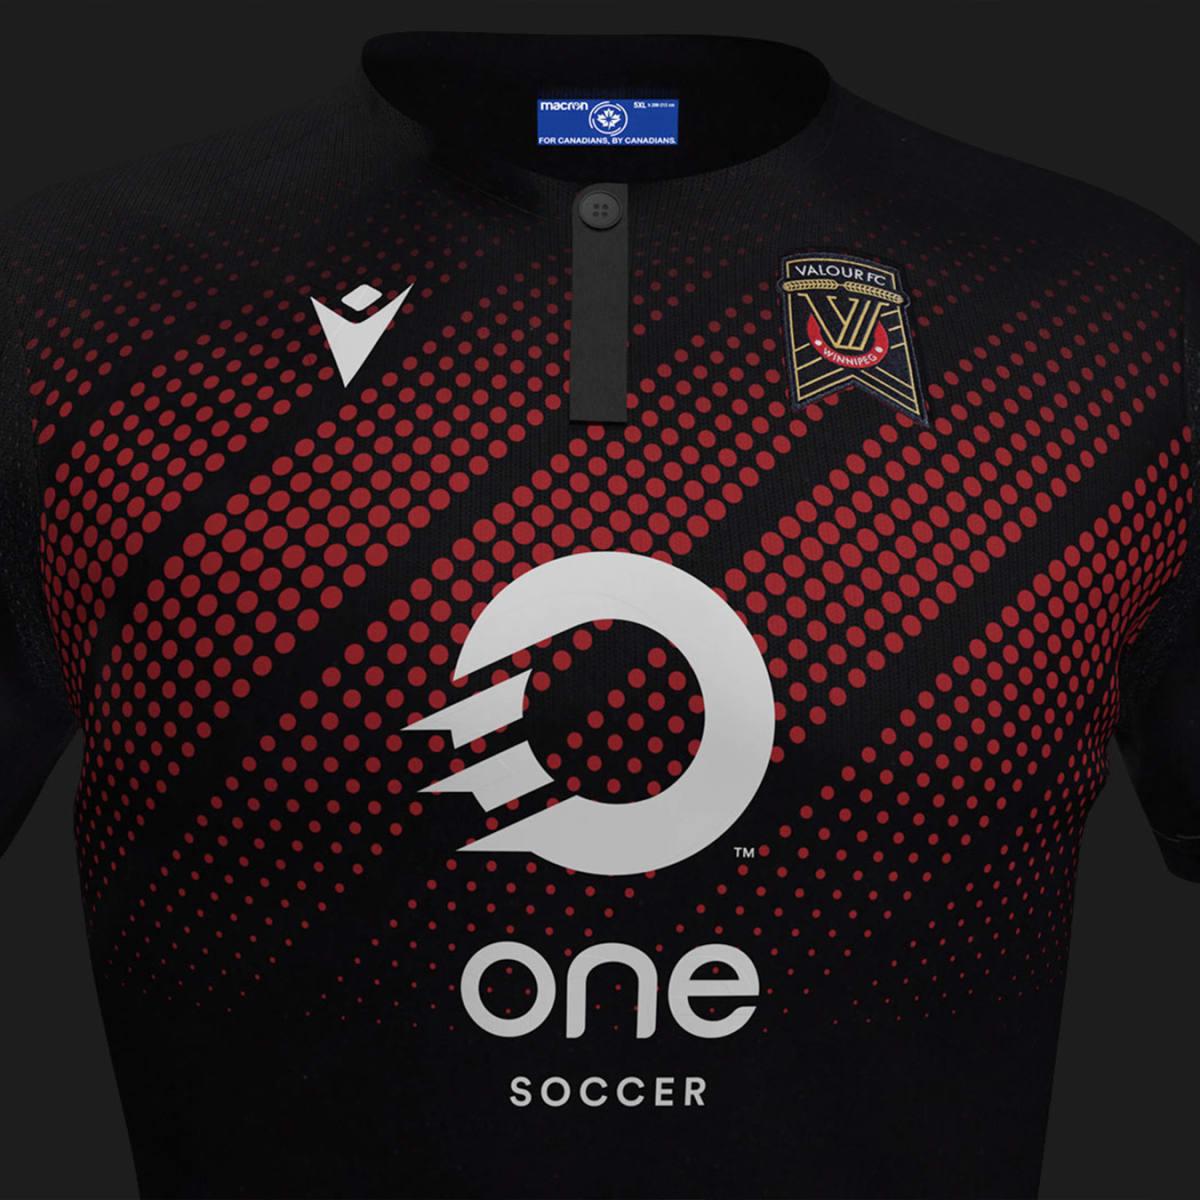 One Soccer 05 5352